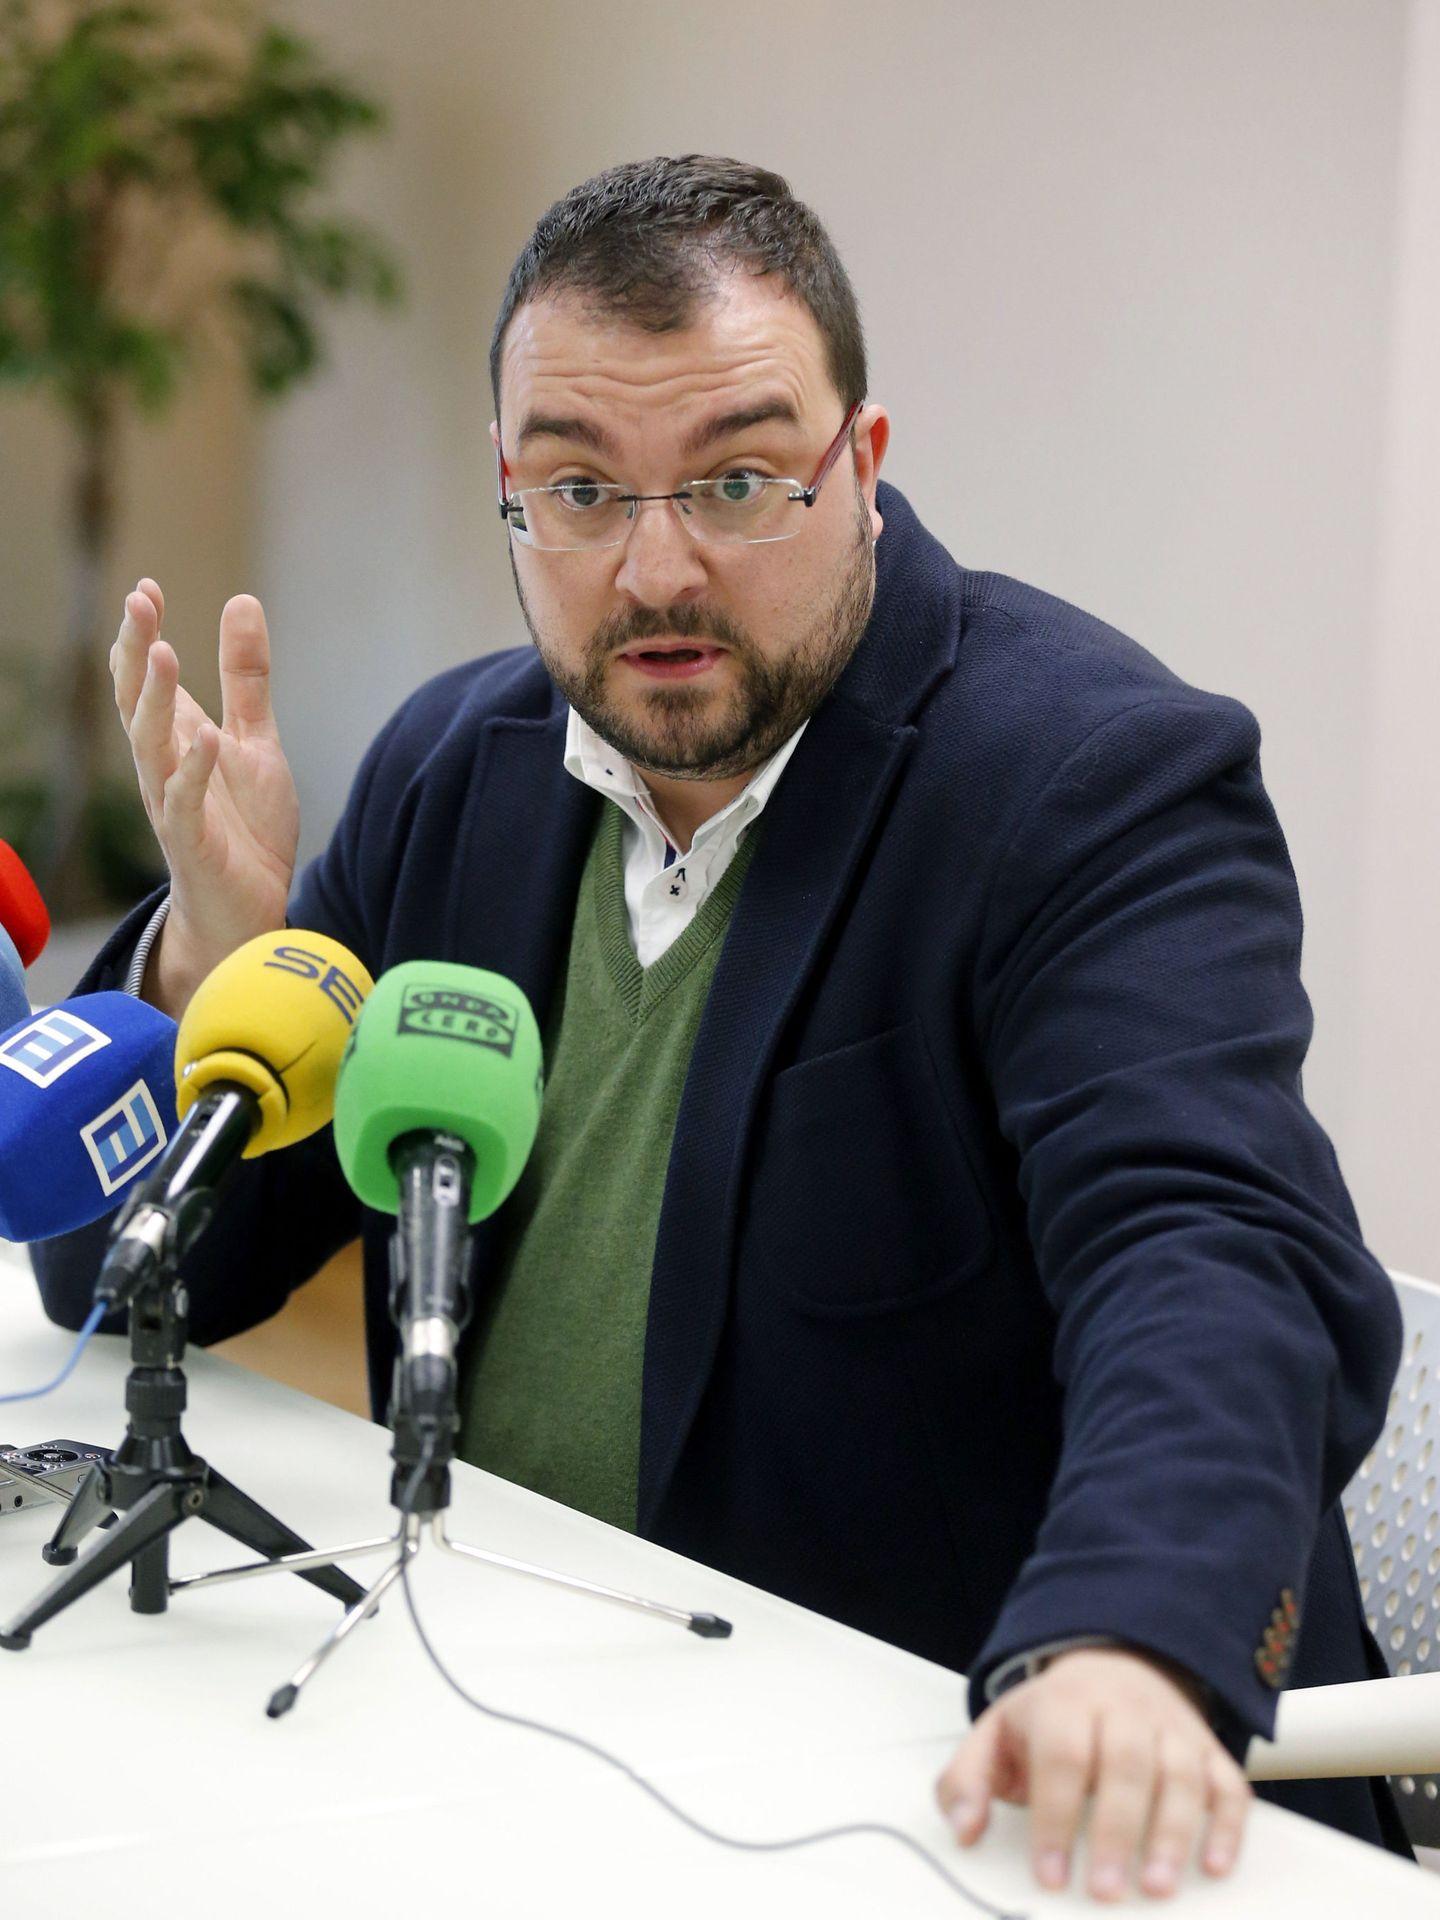 El sanchista Adrián Barbón, alcalde de Laviana, el pasado 9 de febrero en Oviedo. (EFE)